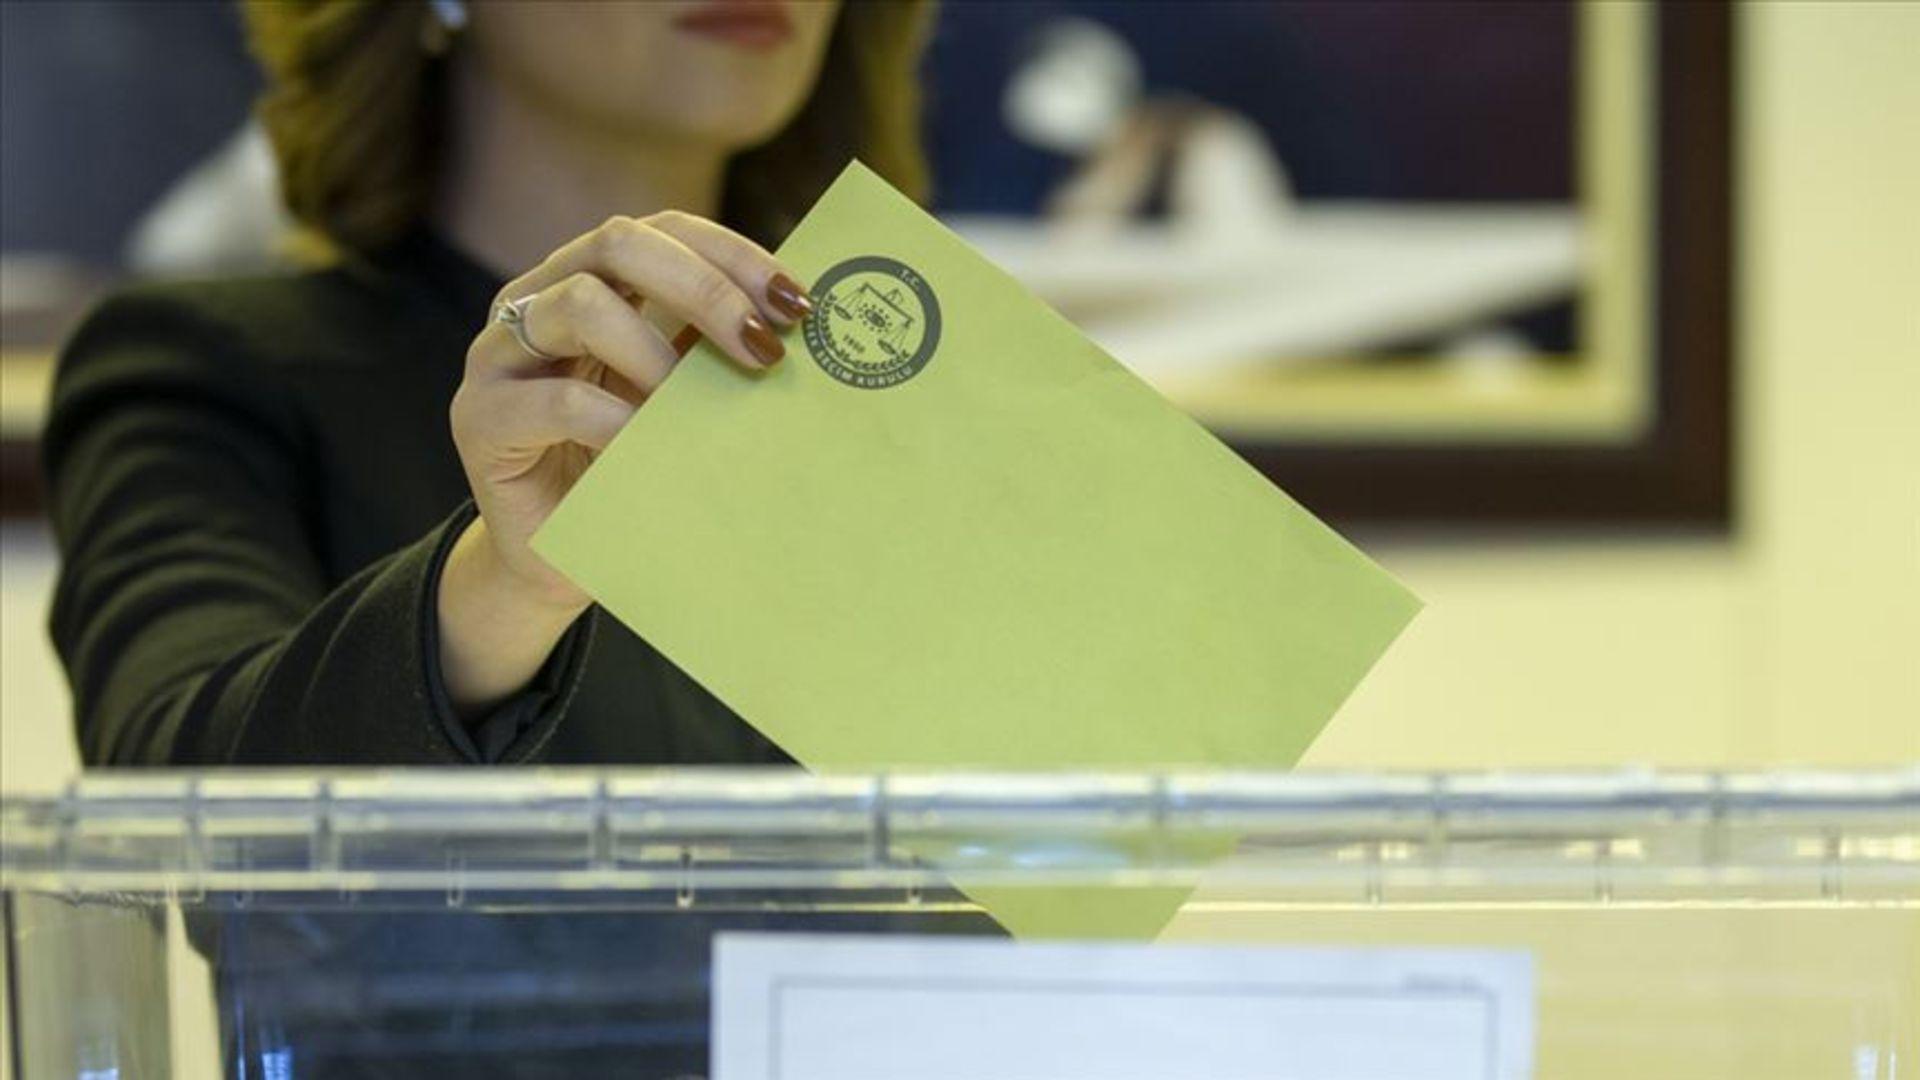 AKP İstanbul ve Ankara Seçimlerine İtiraz Etti: Peki Süreç Nasıl İşleyecek?